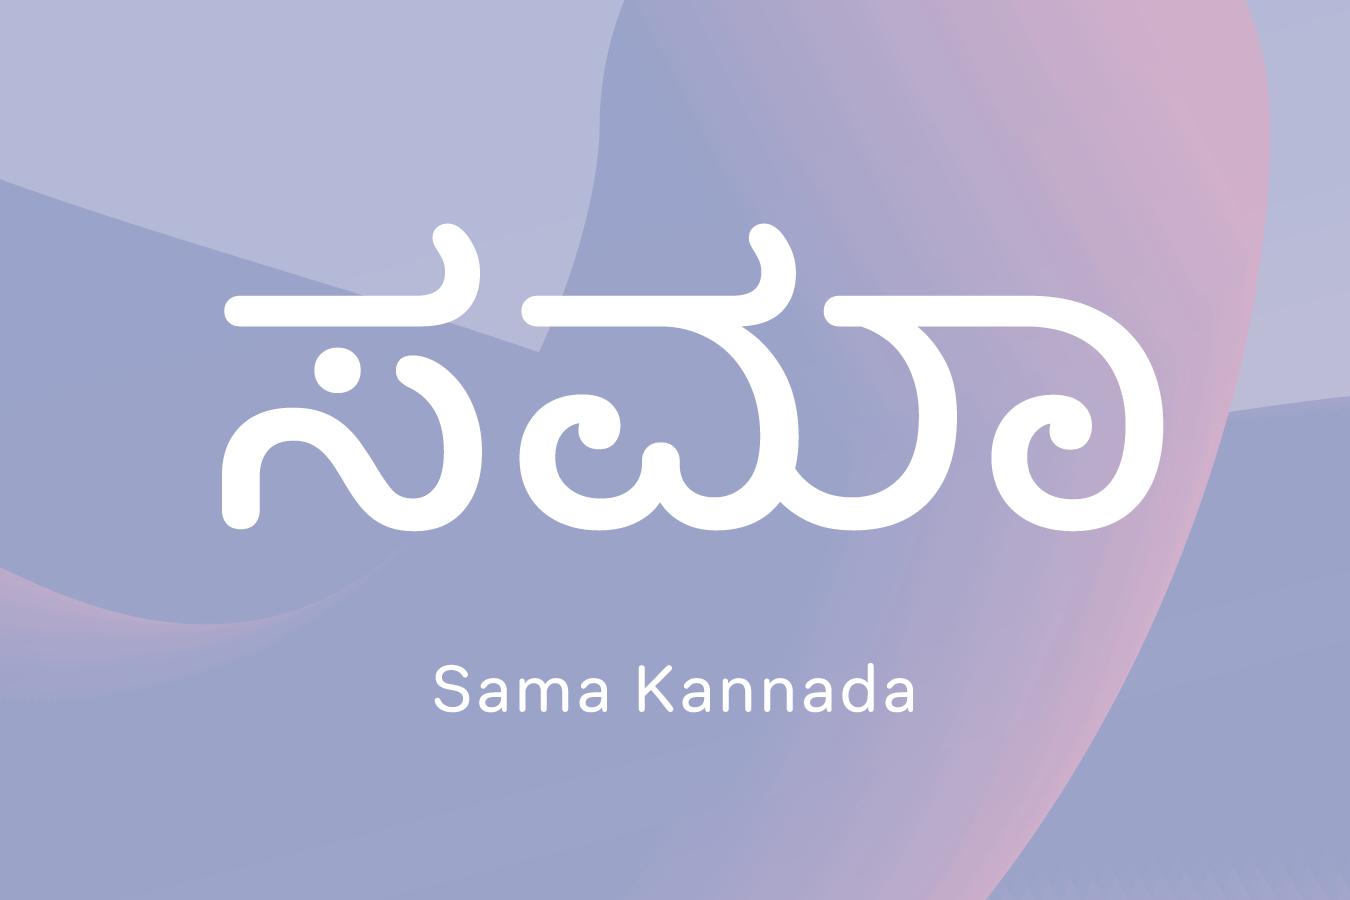 Sama Kannada